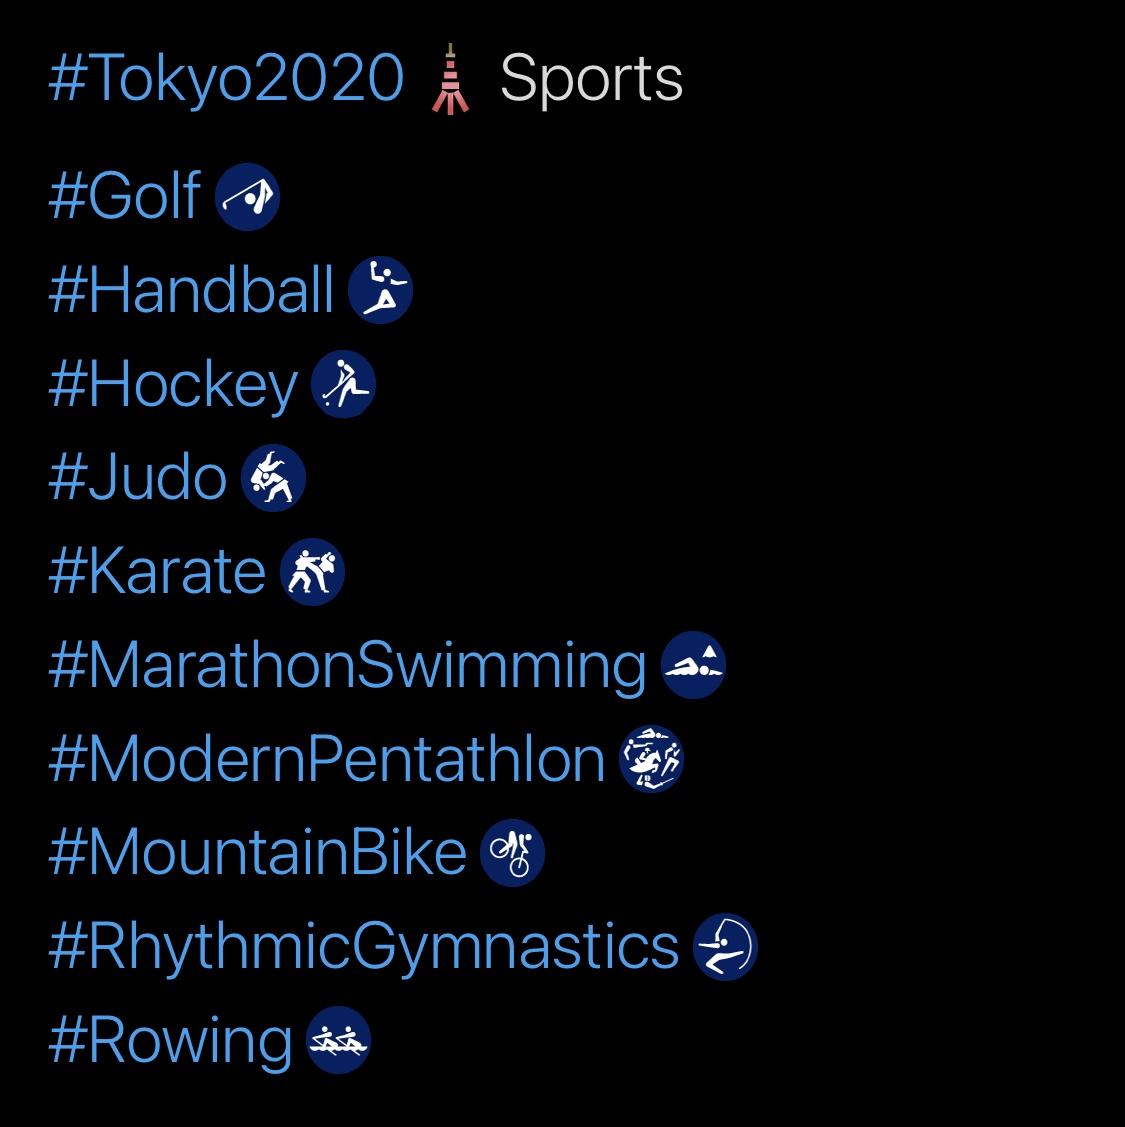 Tokyo 2020 Olympics Hashtags, Sports